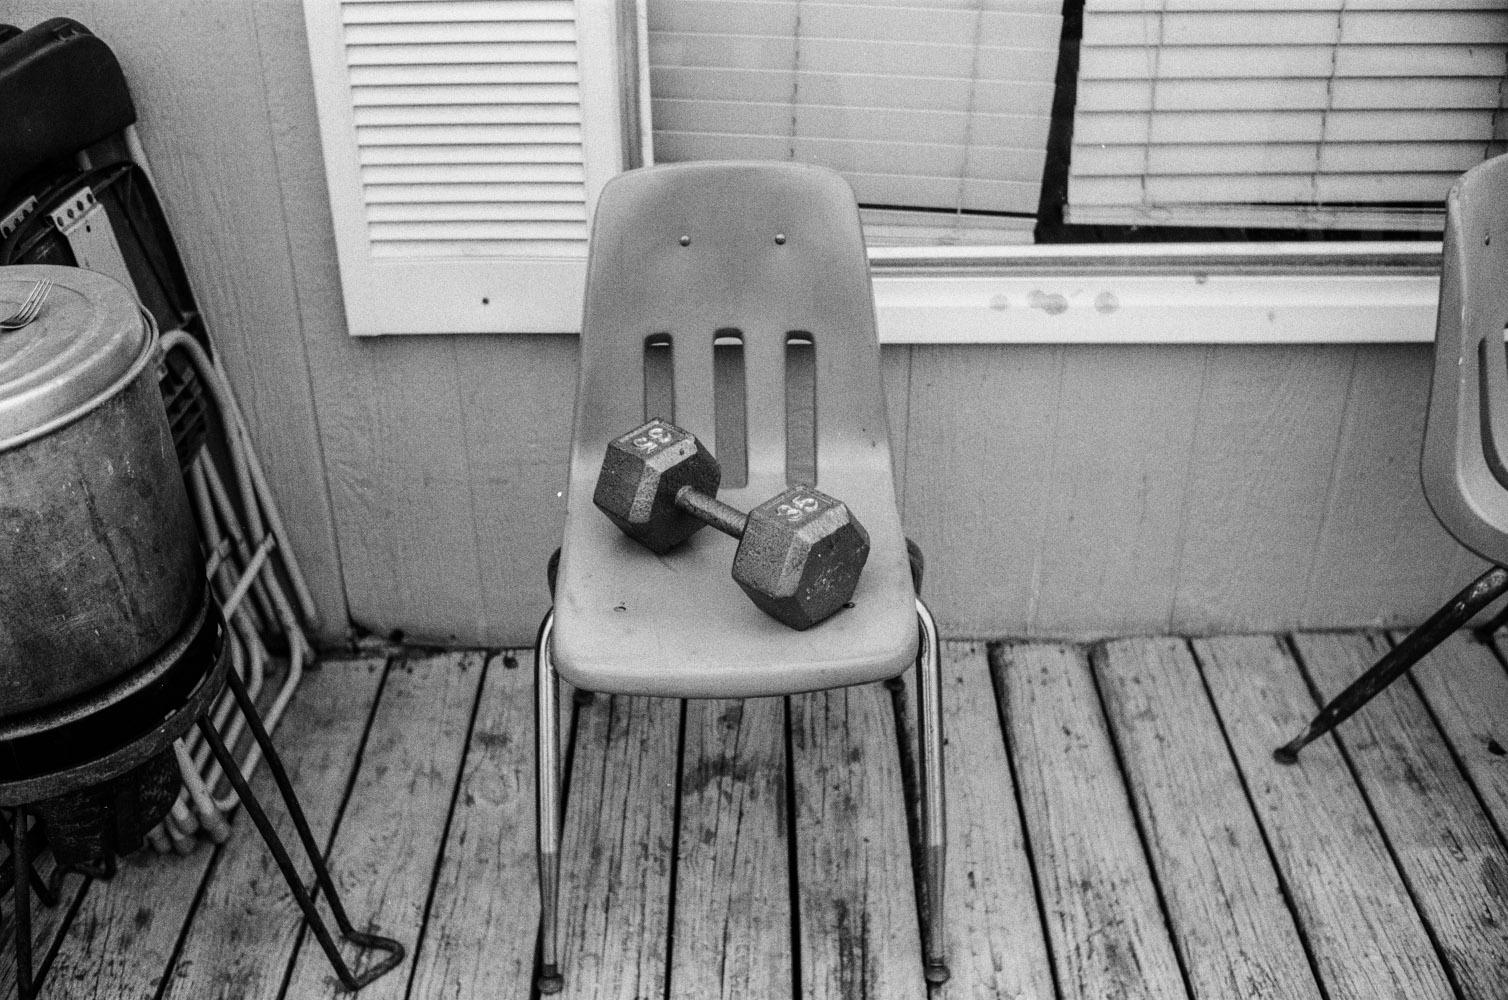 chair_dumbell.jpg